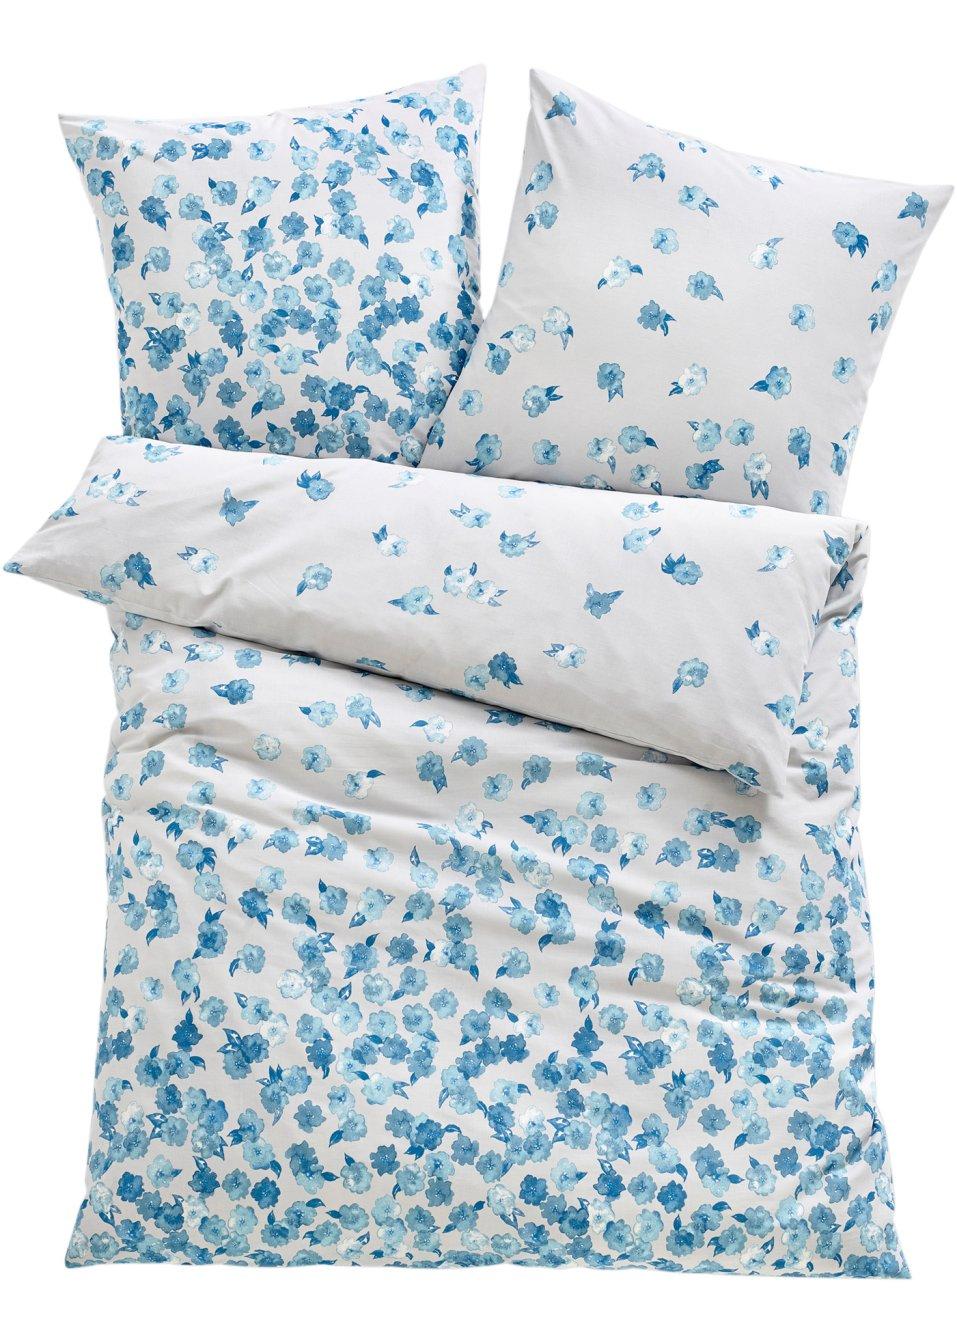 parure de lit pluie de fleurs linon bleu maison. Black Bedroom Furniture Sets. Home Design Ideas